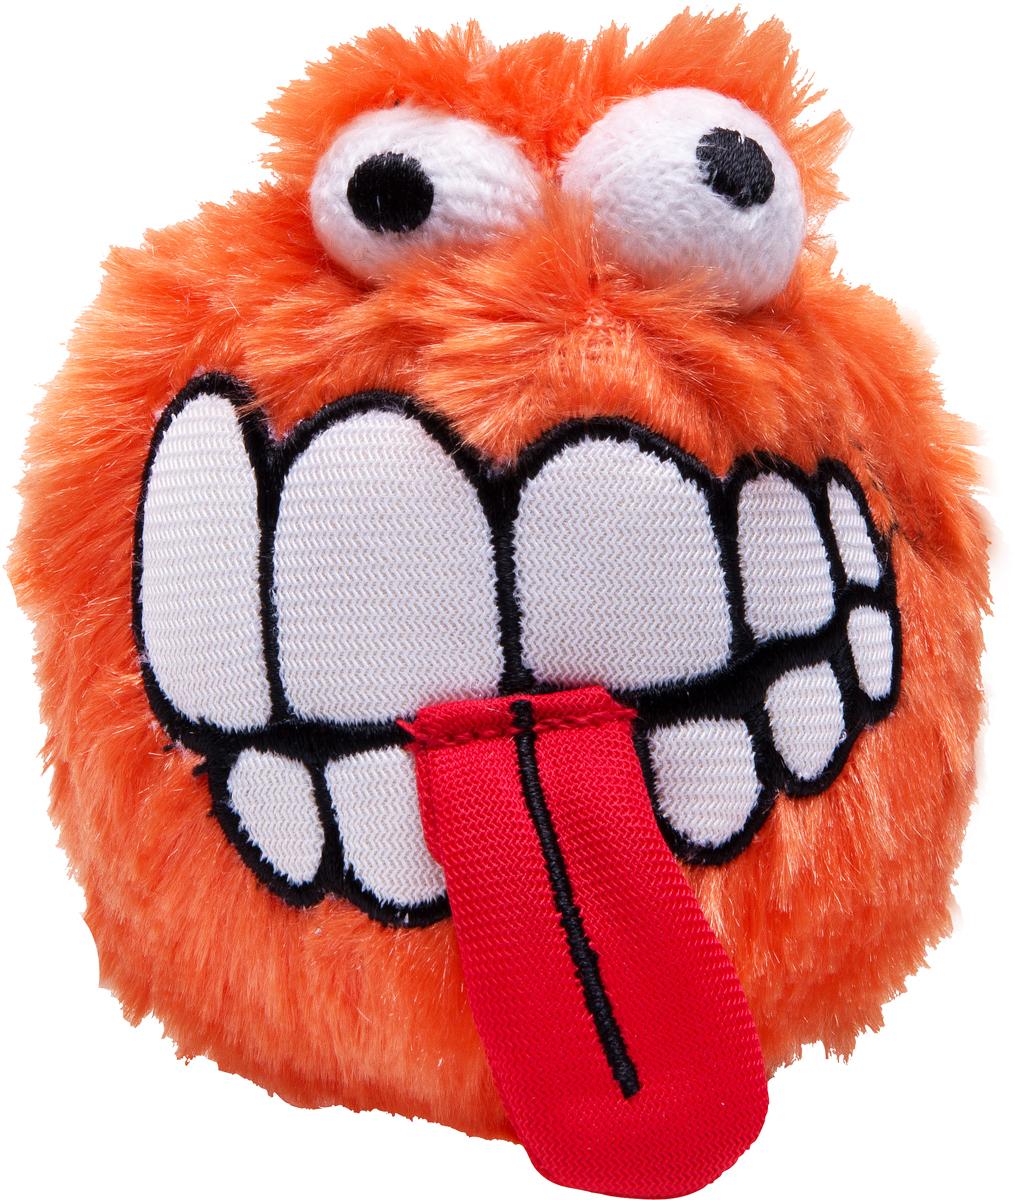 Игрушка для собак Rogz Fluffy Grinz. Зубы, цвет: оранжевый, диаметр 4,9 смCGR01DИгрушка для собак Rogz Fluffy Grinz. Зубы - особо мягкий, плюшевый мяч. Для животных, которые любят играть в Поймай-принеси - это просто мечта.Небольшой вес изделия.Не травмирует зубы и десны.Удобен для переноски животных.Внутри игрушки пищалка, что поддерживает интерес животного к игре.